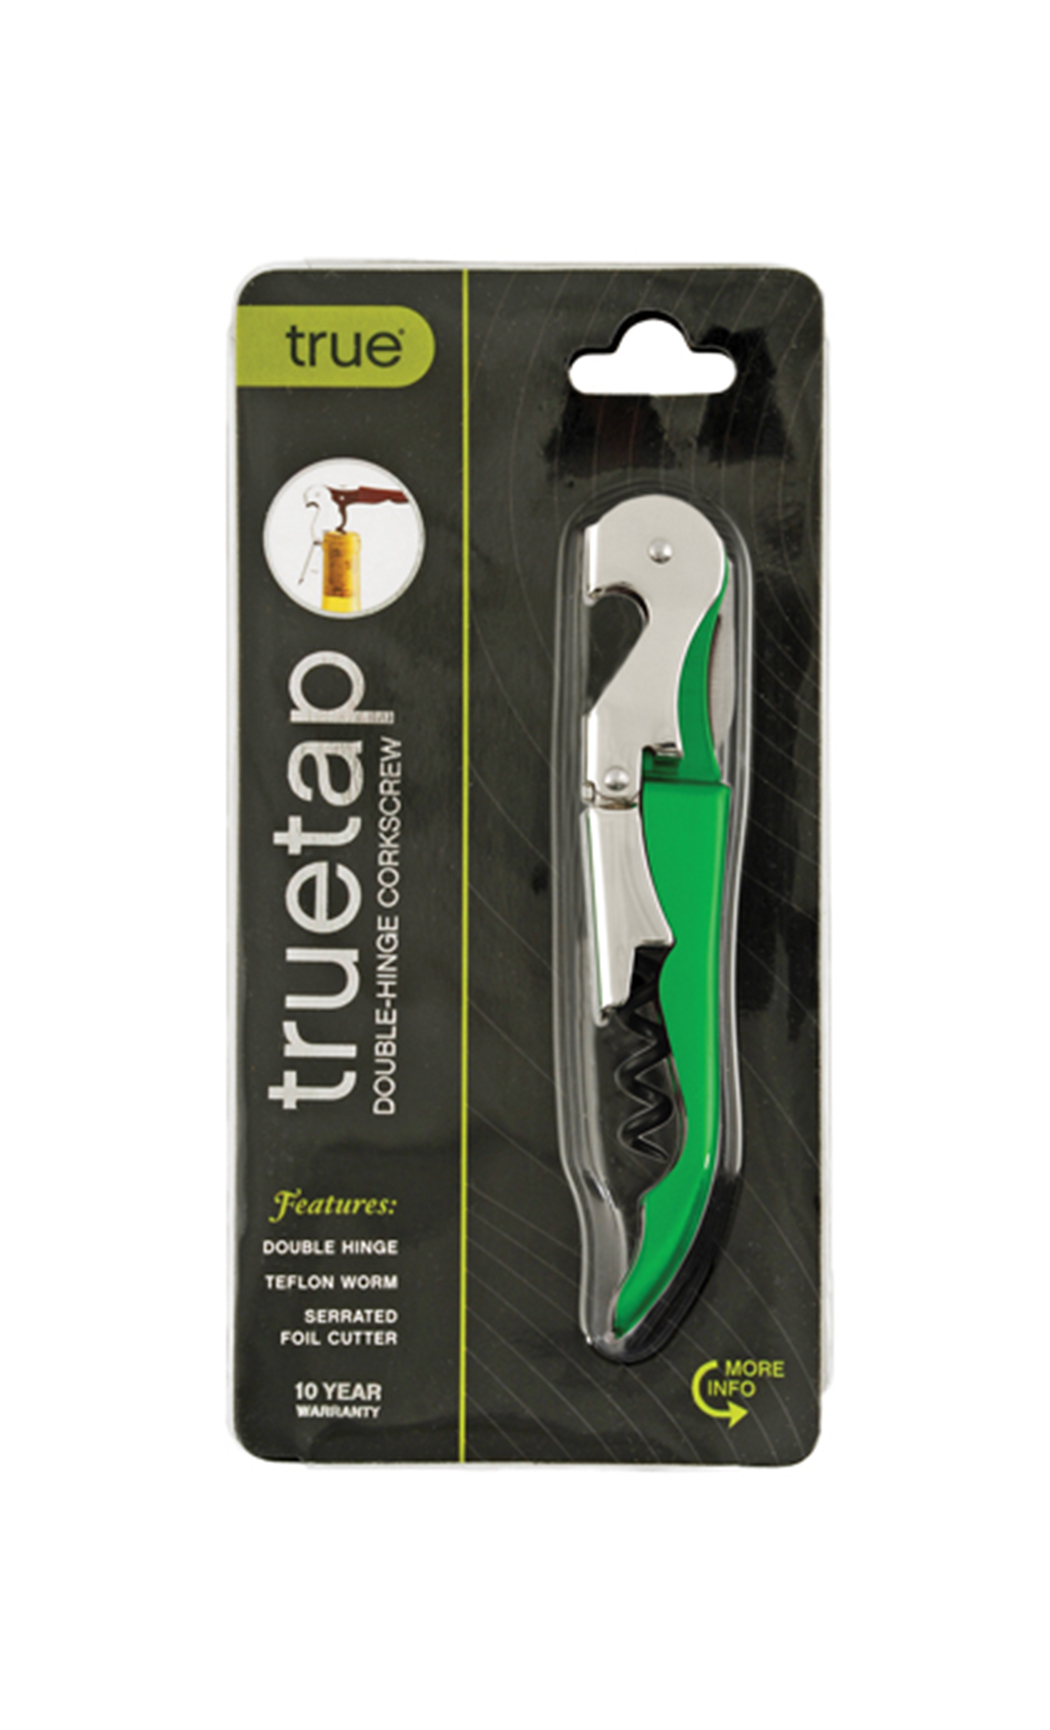 Metallic Green TRUEtap Corkscrew